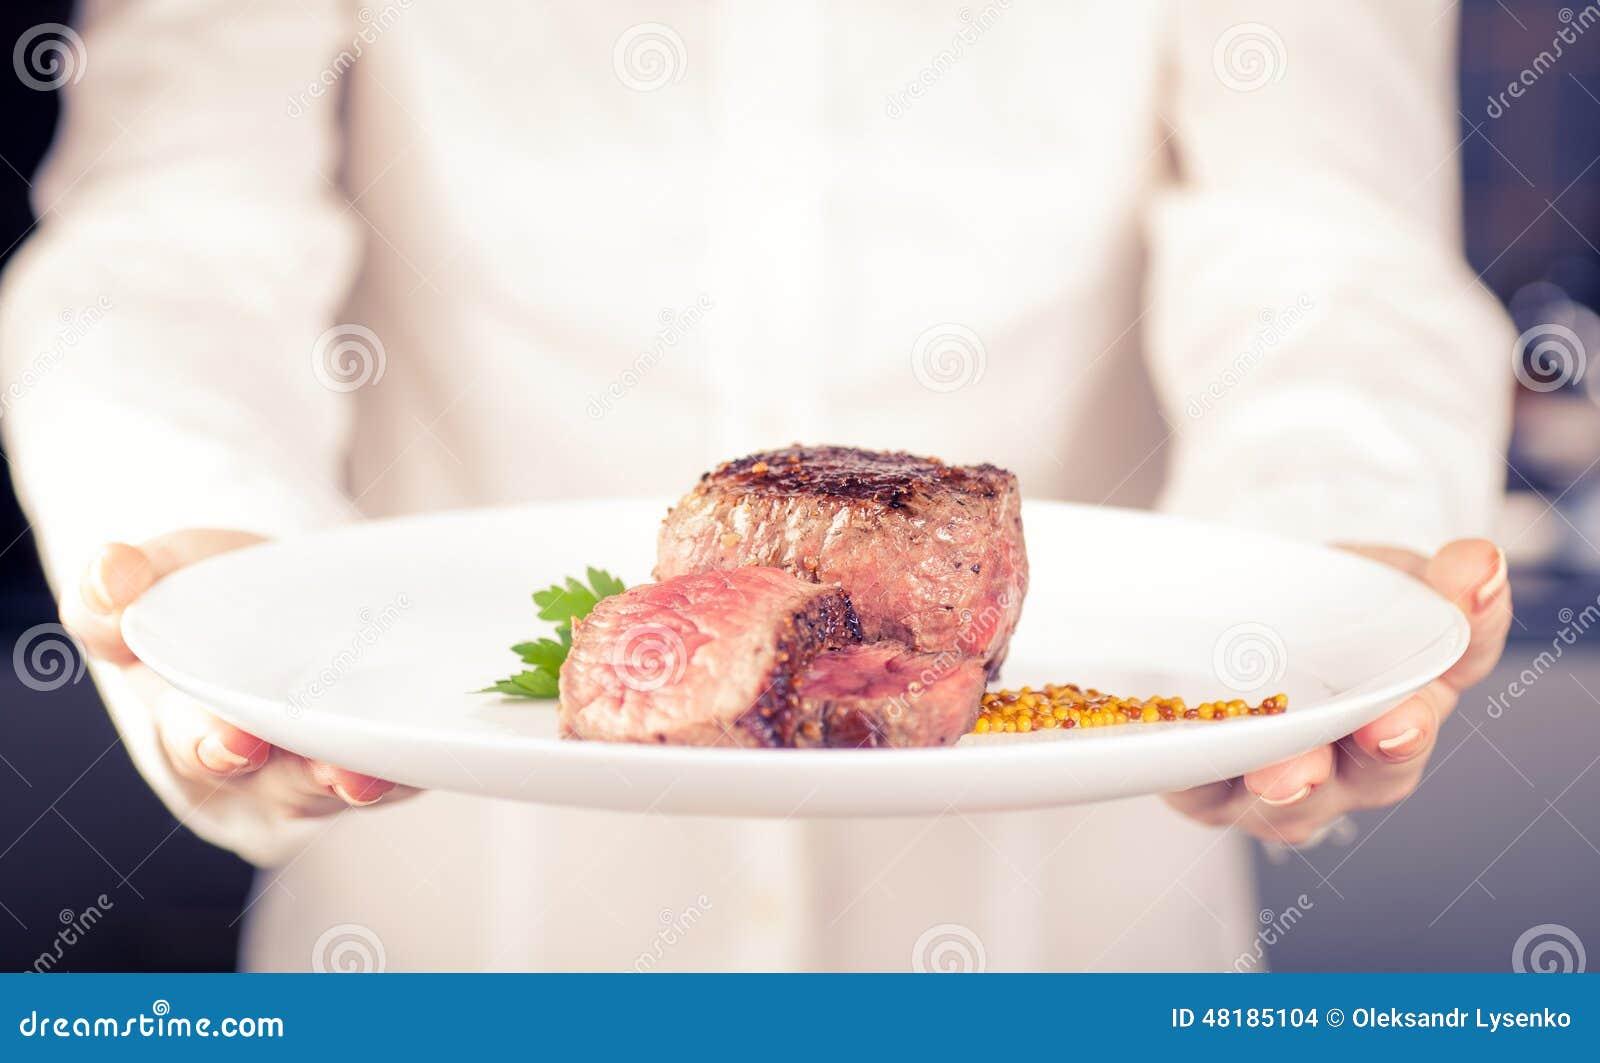 El cocinero guarda un plato